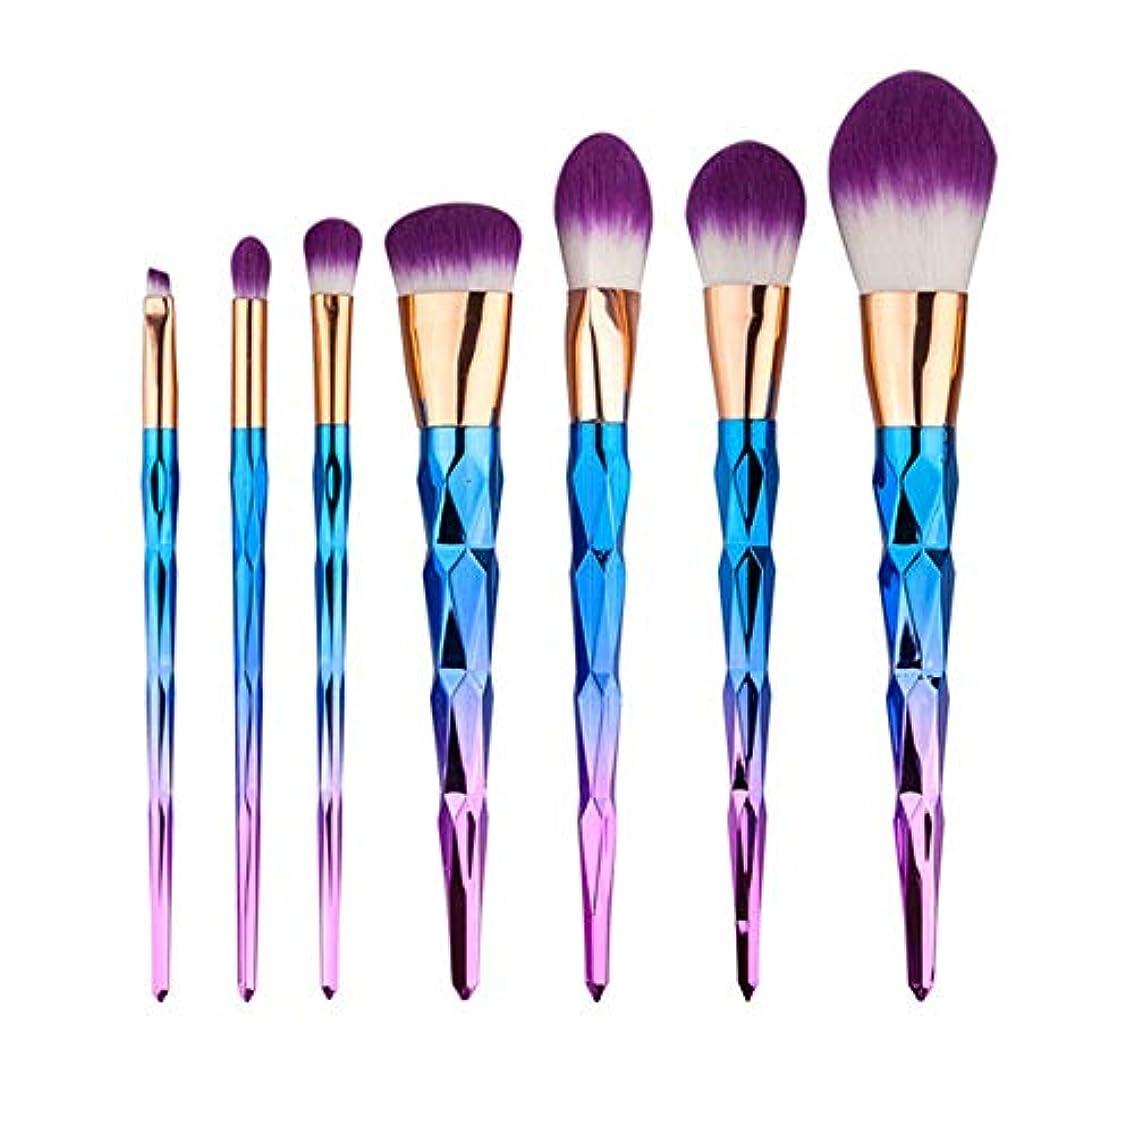 ニュージーランド傾斜原点Makeup brushes 7.グラデーションダイヤモンドドリルブラシセットユニコーンの美しさとメイクアップツール suits (Color : Rainbow)